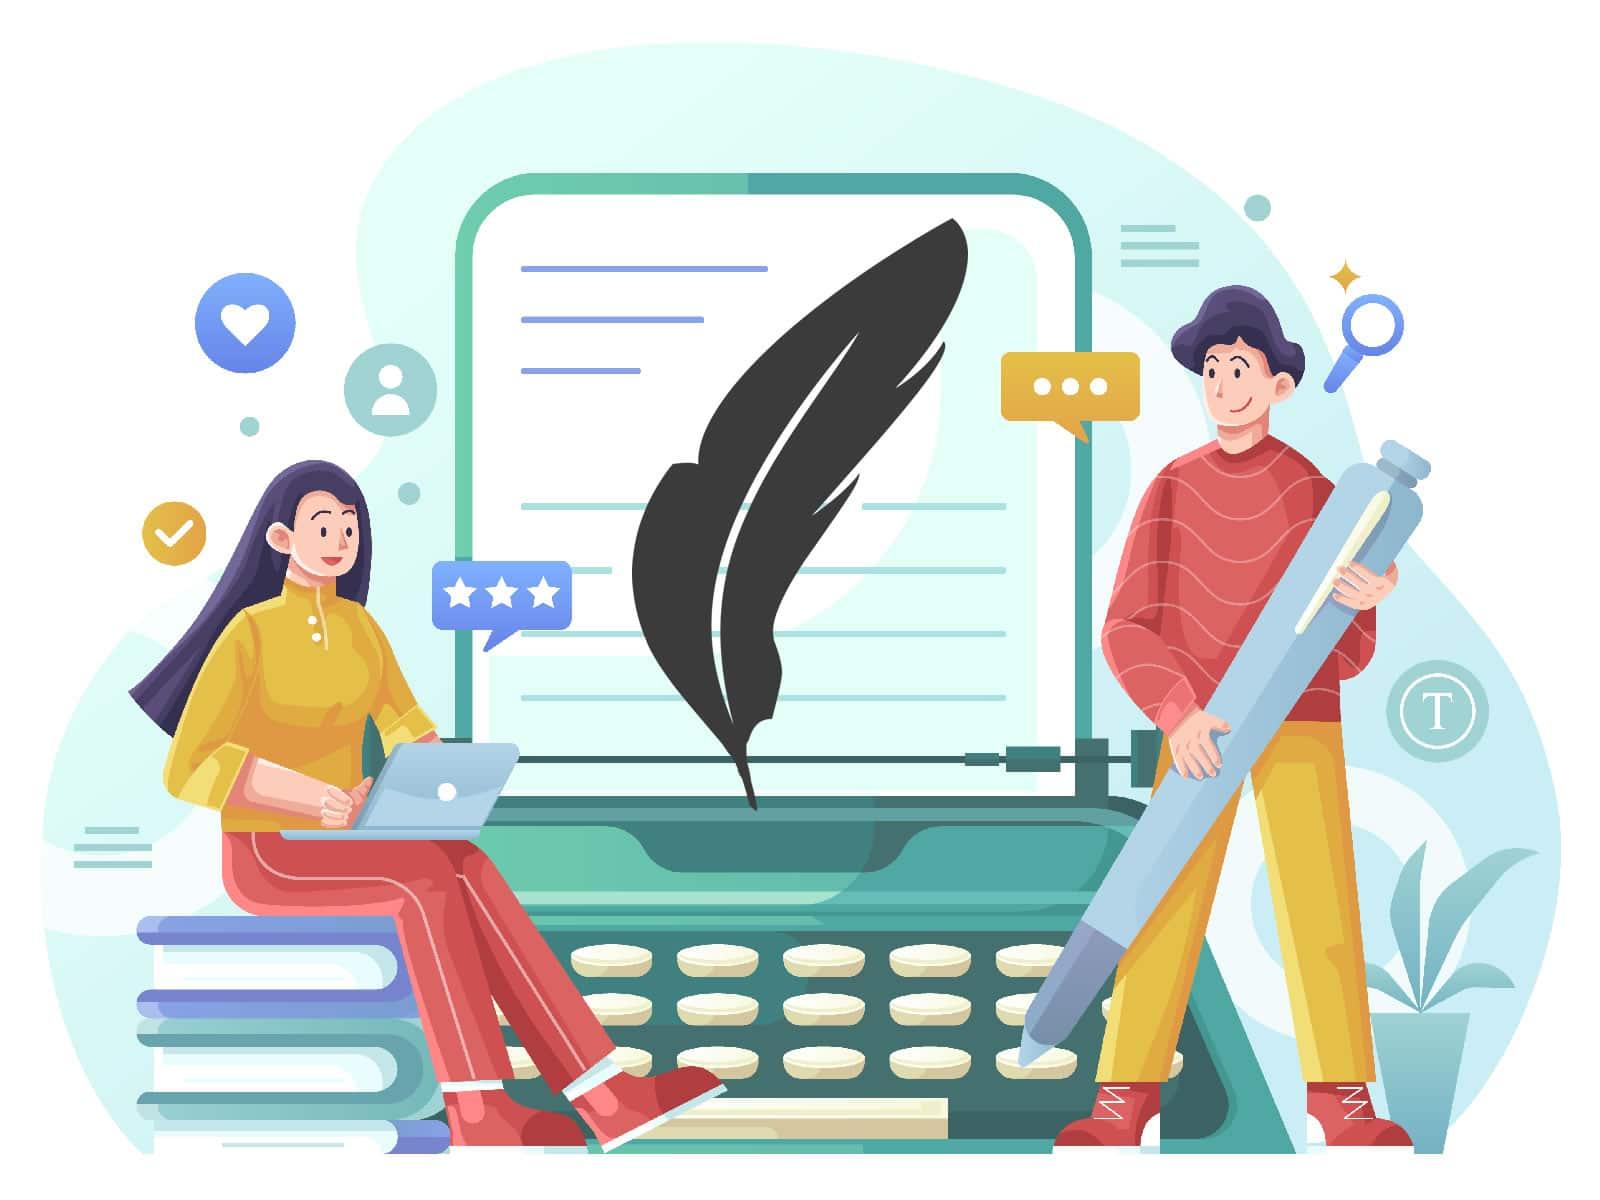 Criação de conteúdo para sites e redes sociais